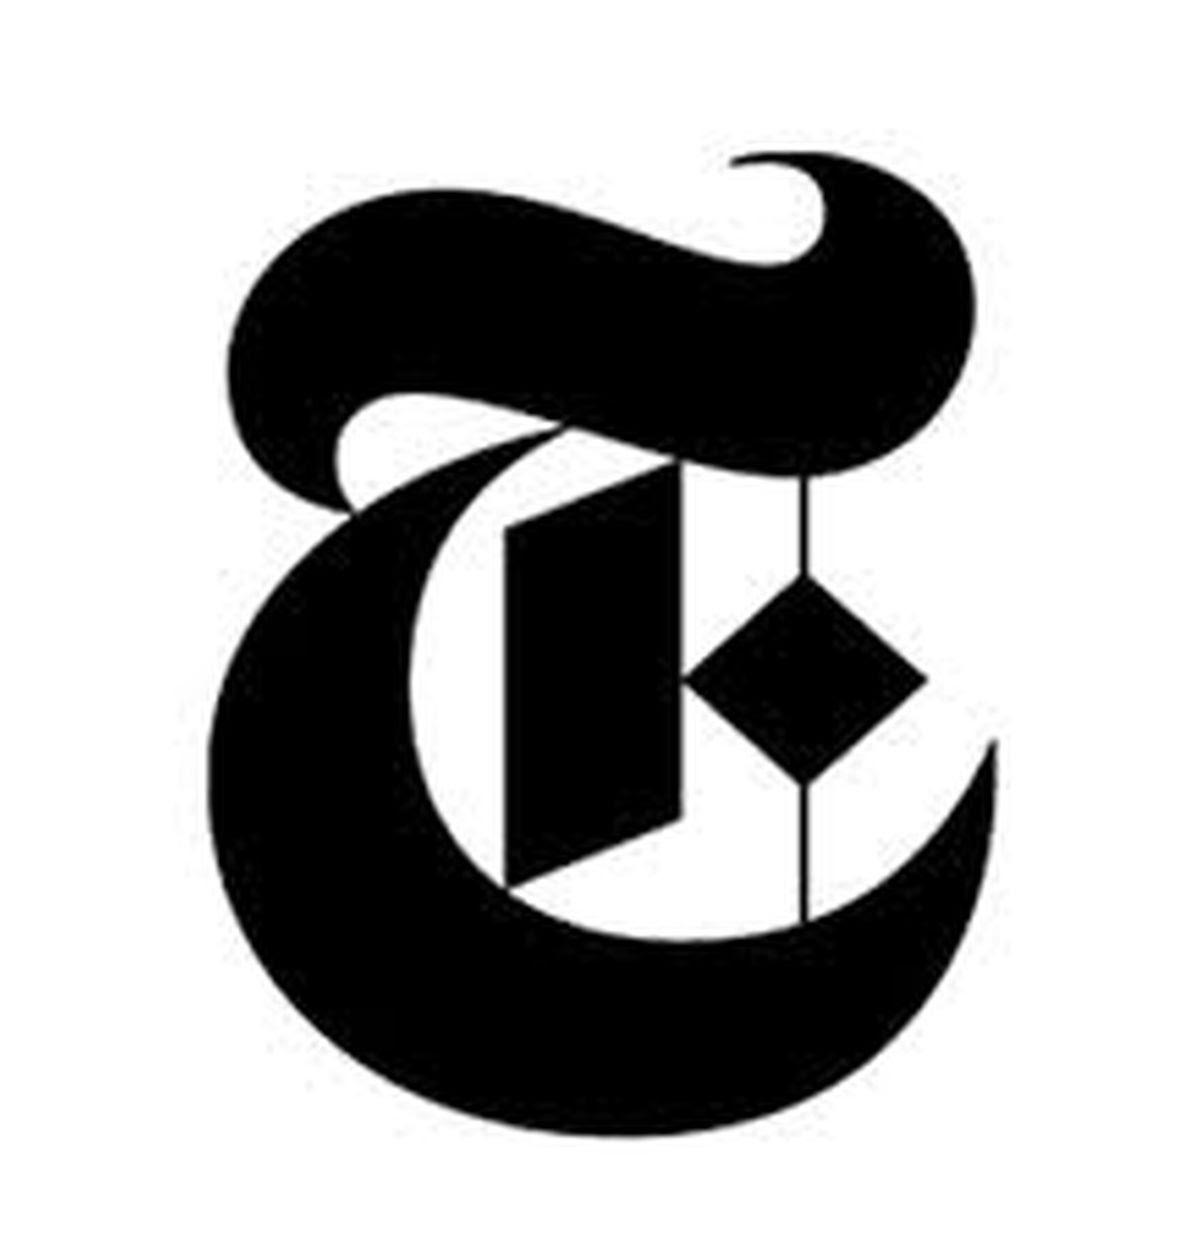 Times T logo